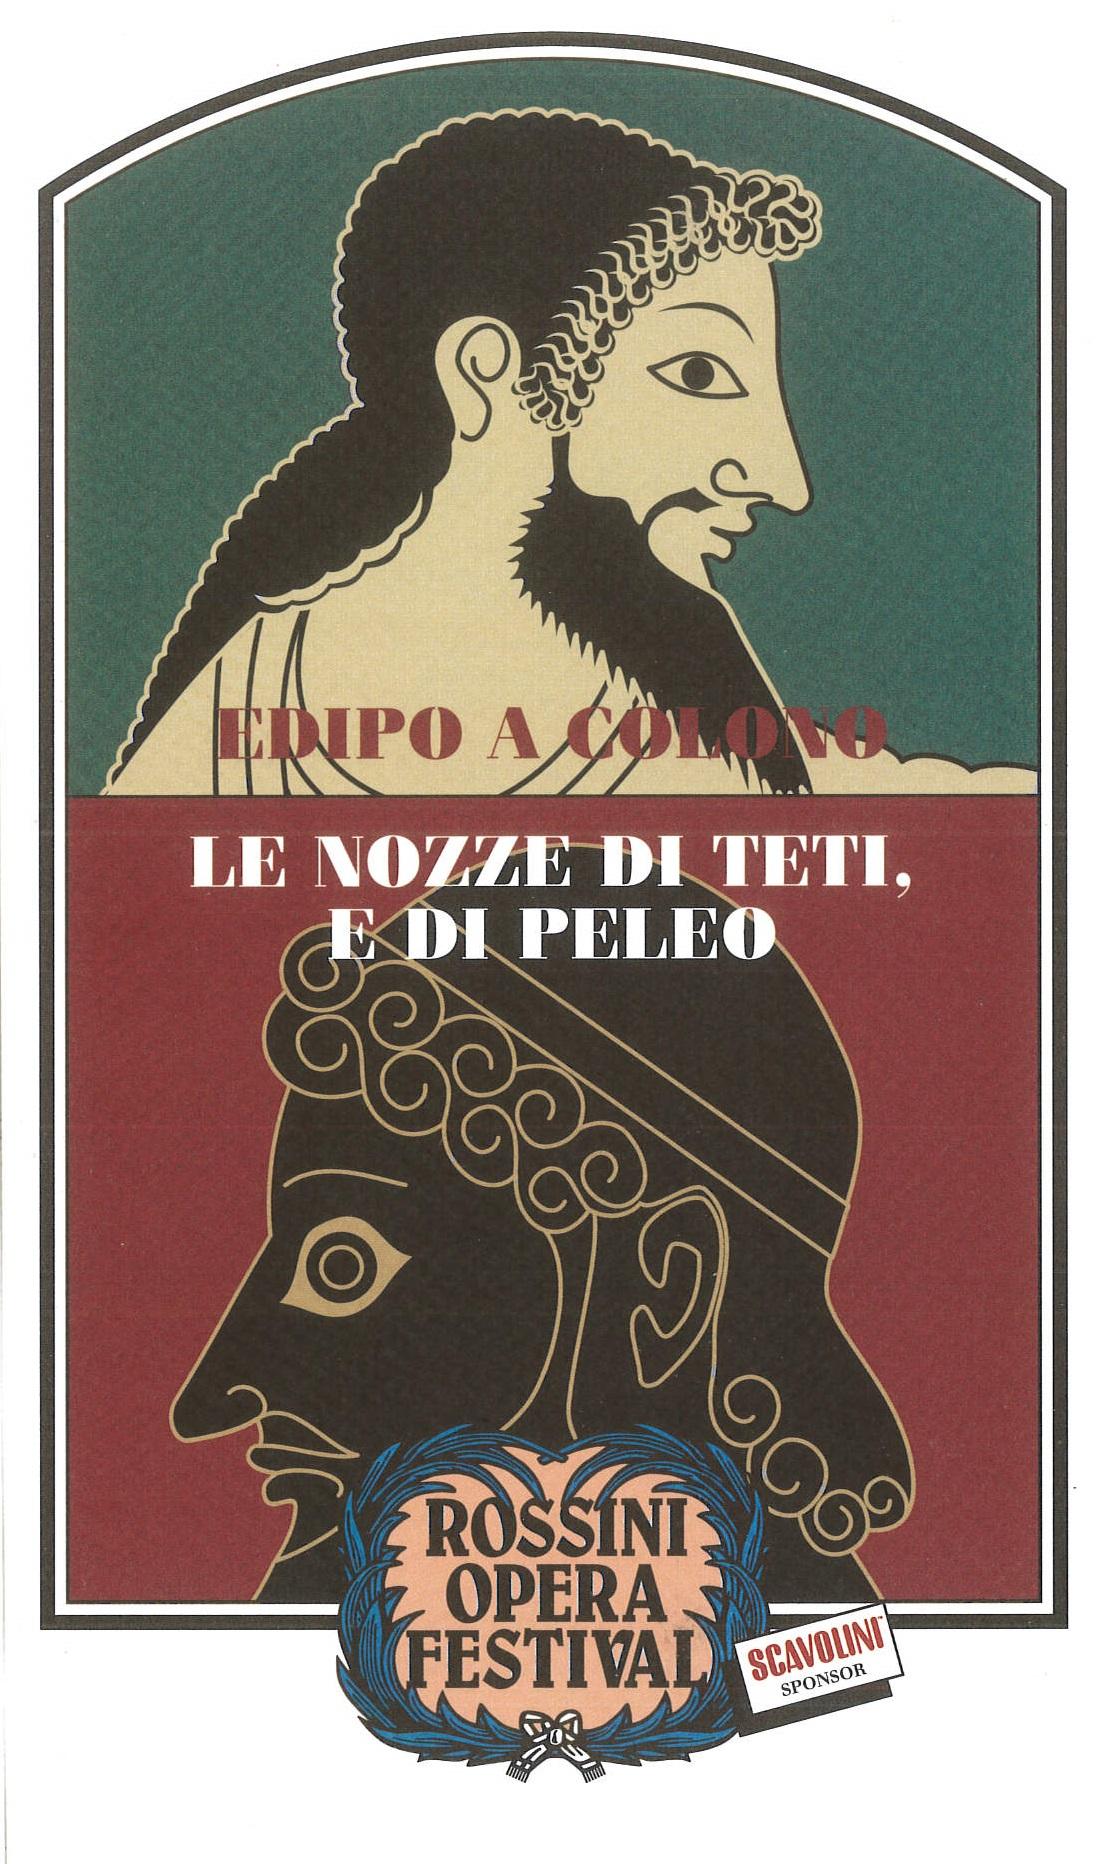 Edipo a Colono-Le nozze di Teti, e di Peleo 2007